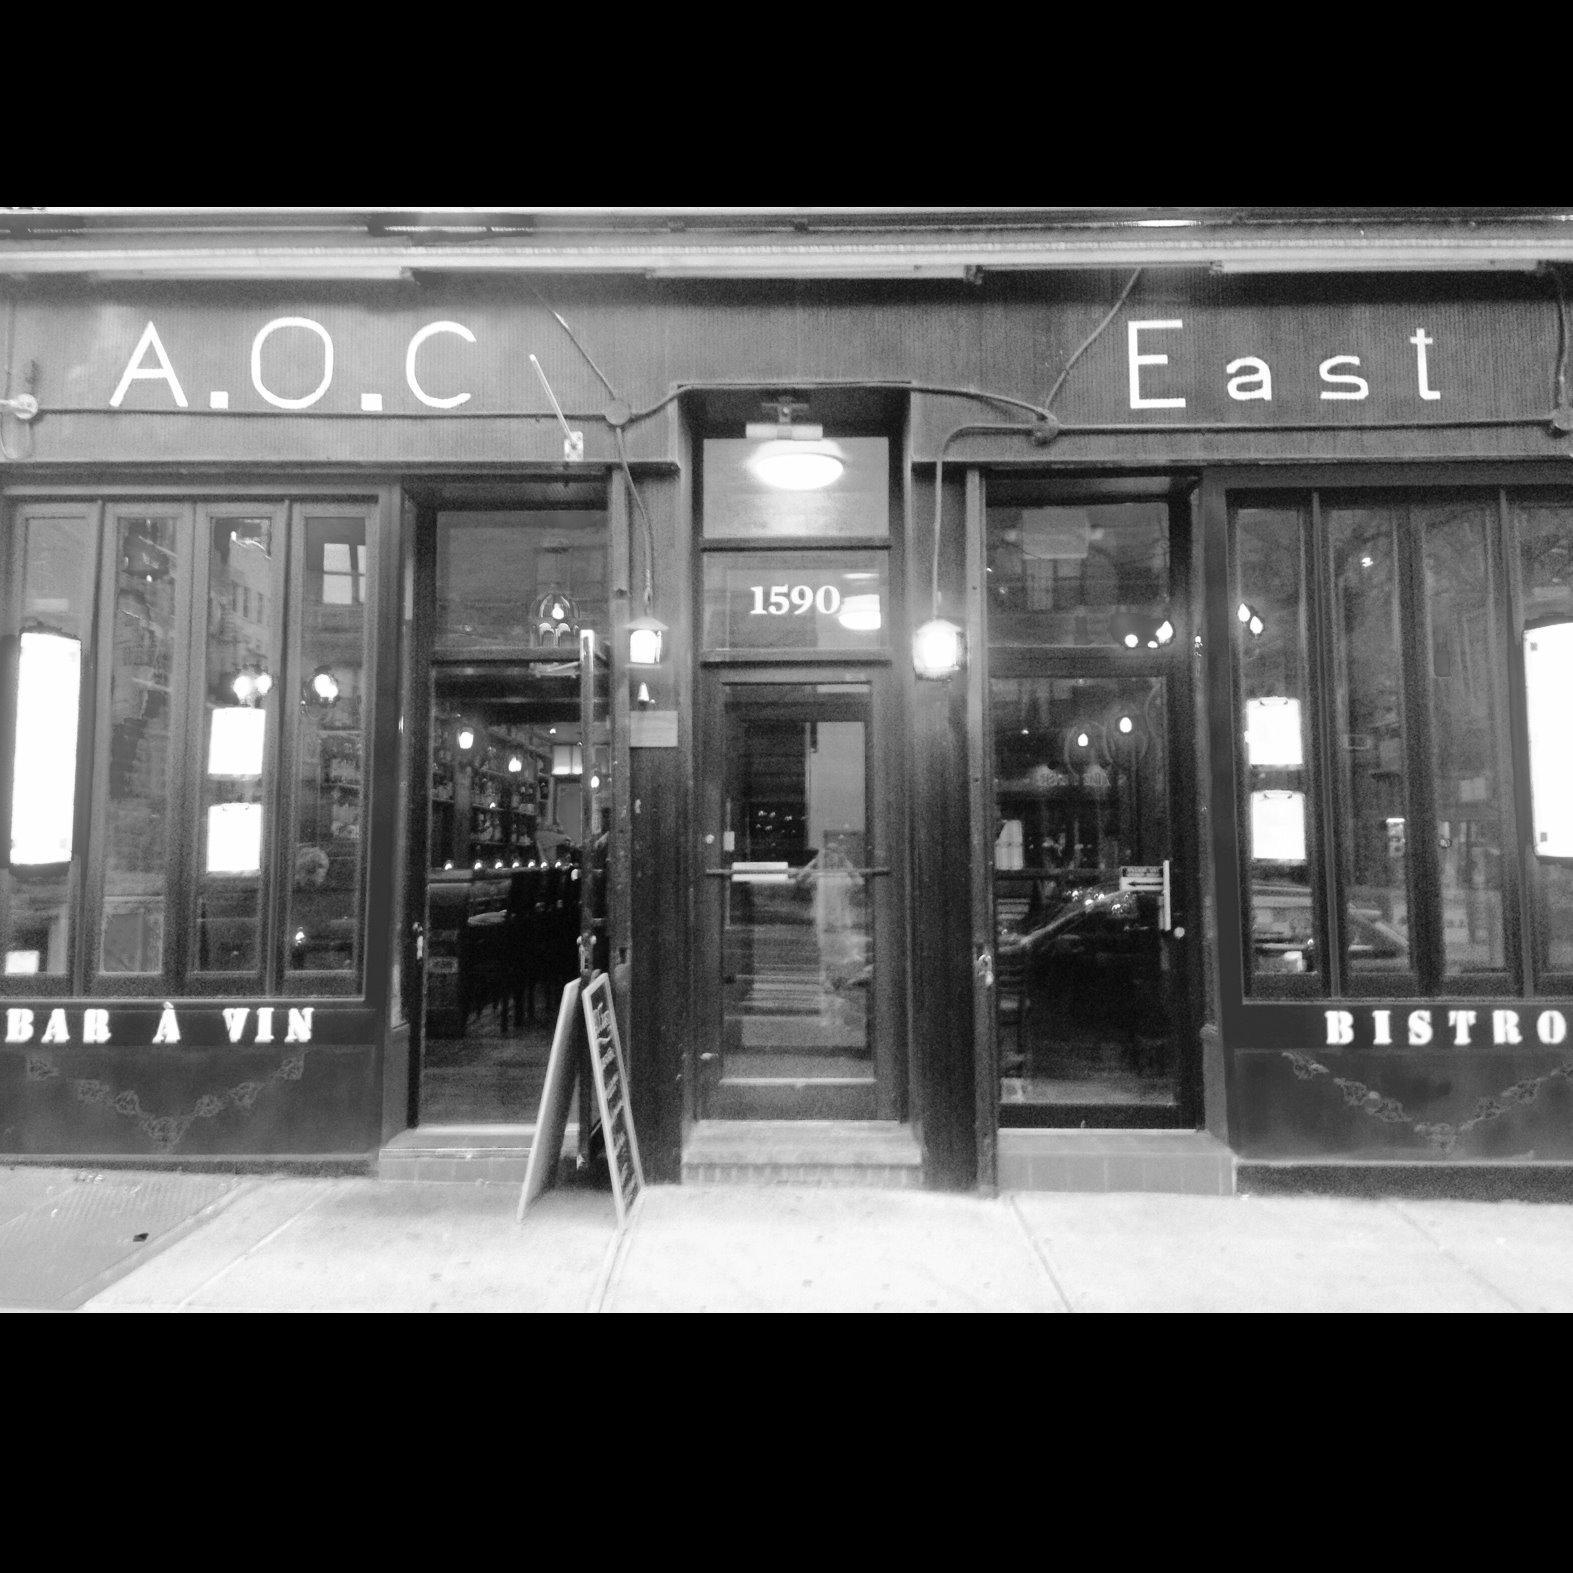 AOC East